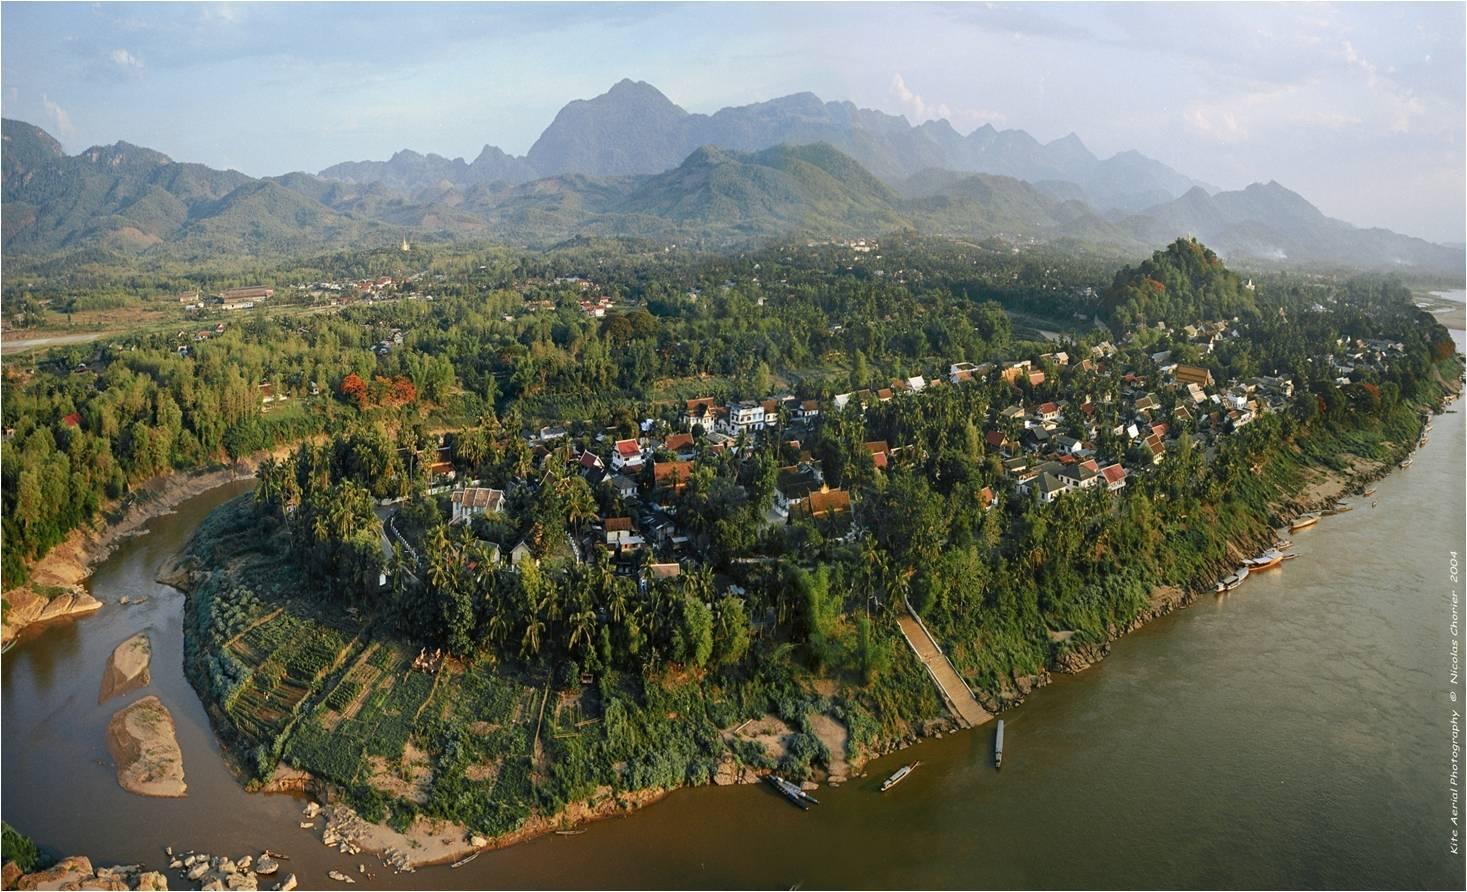 Laos beauty 07 - 4 6